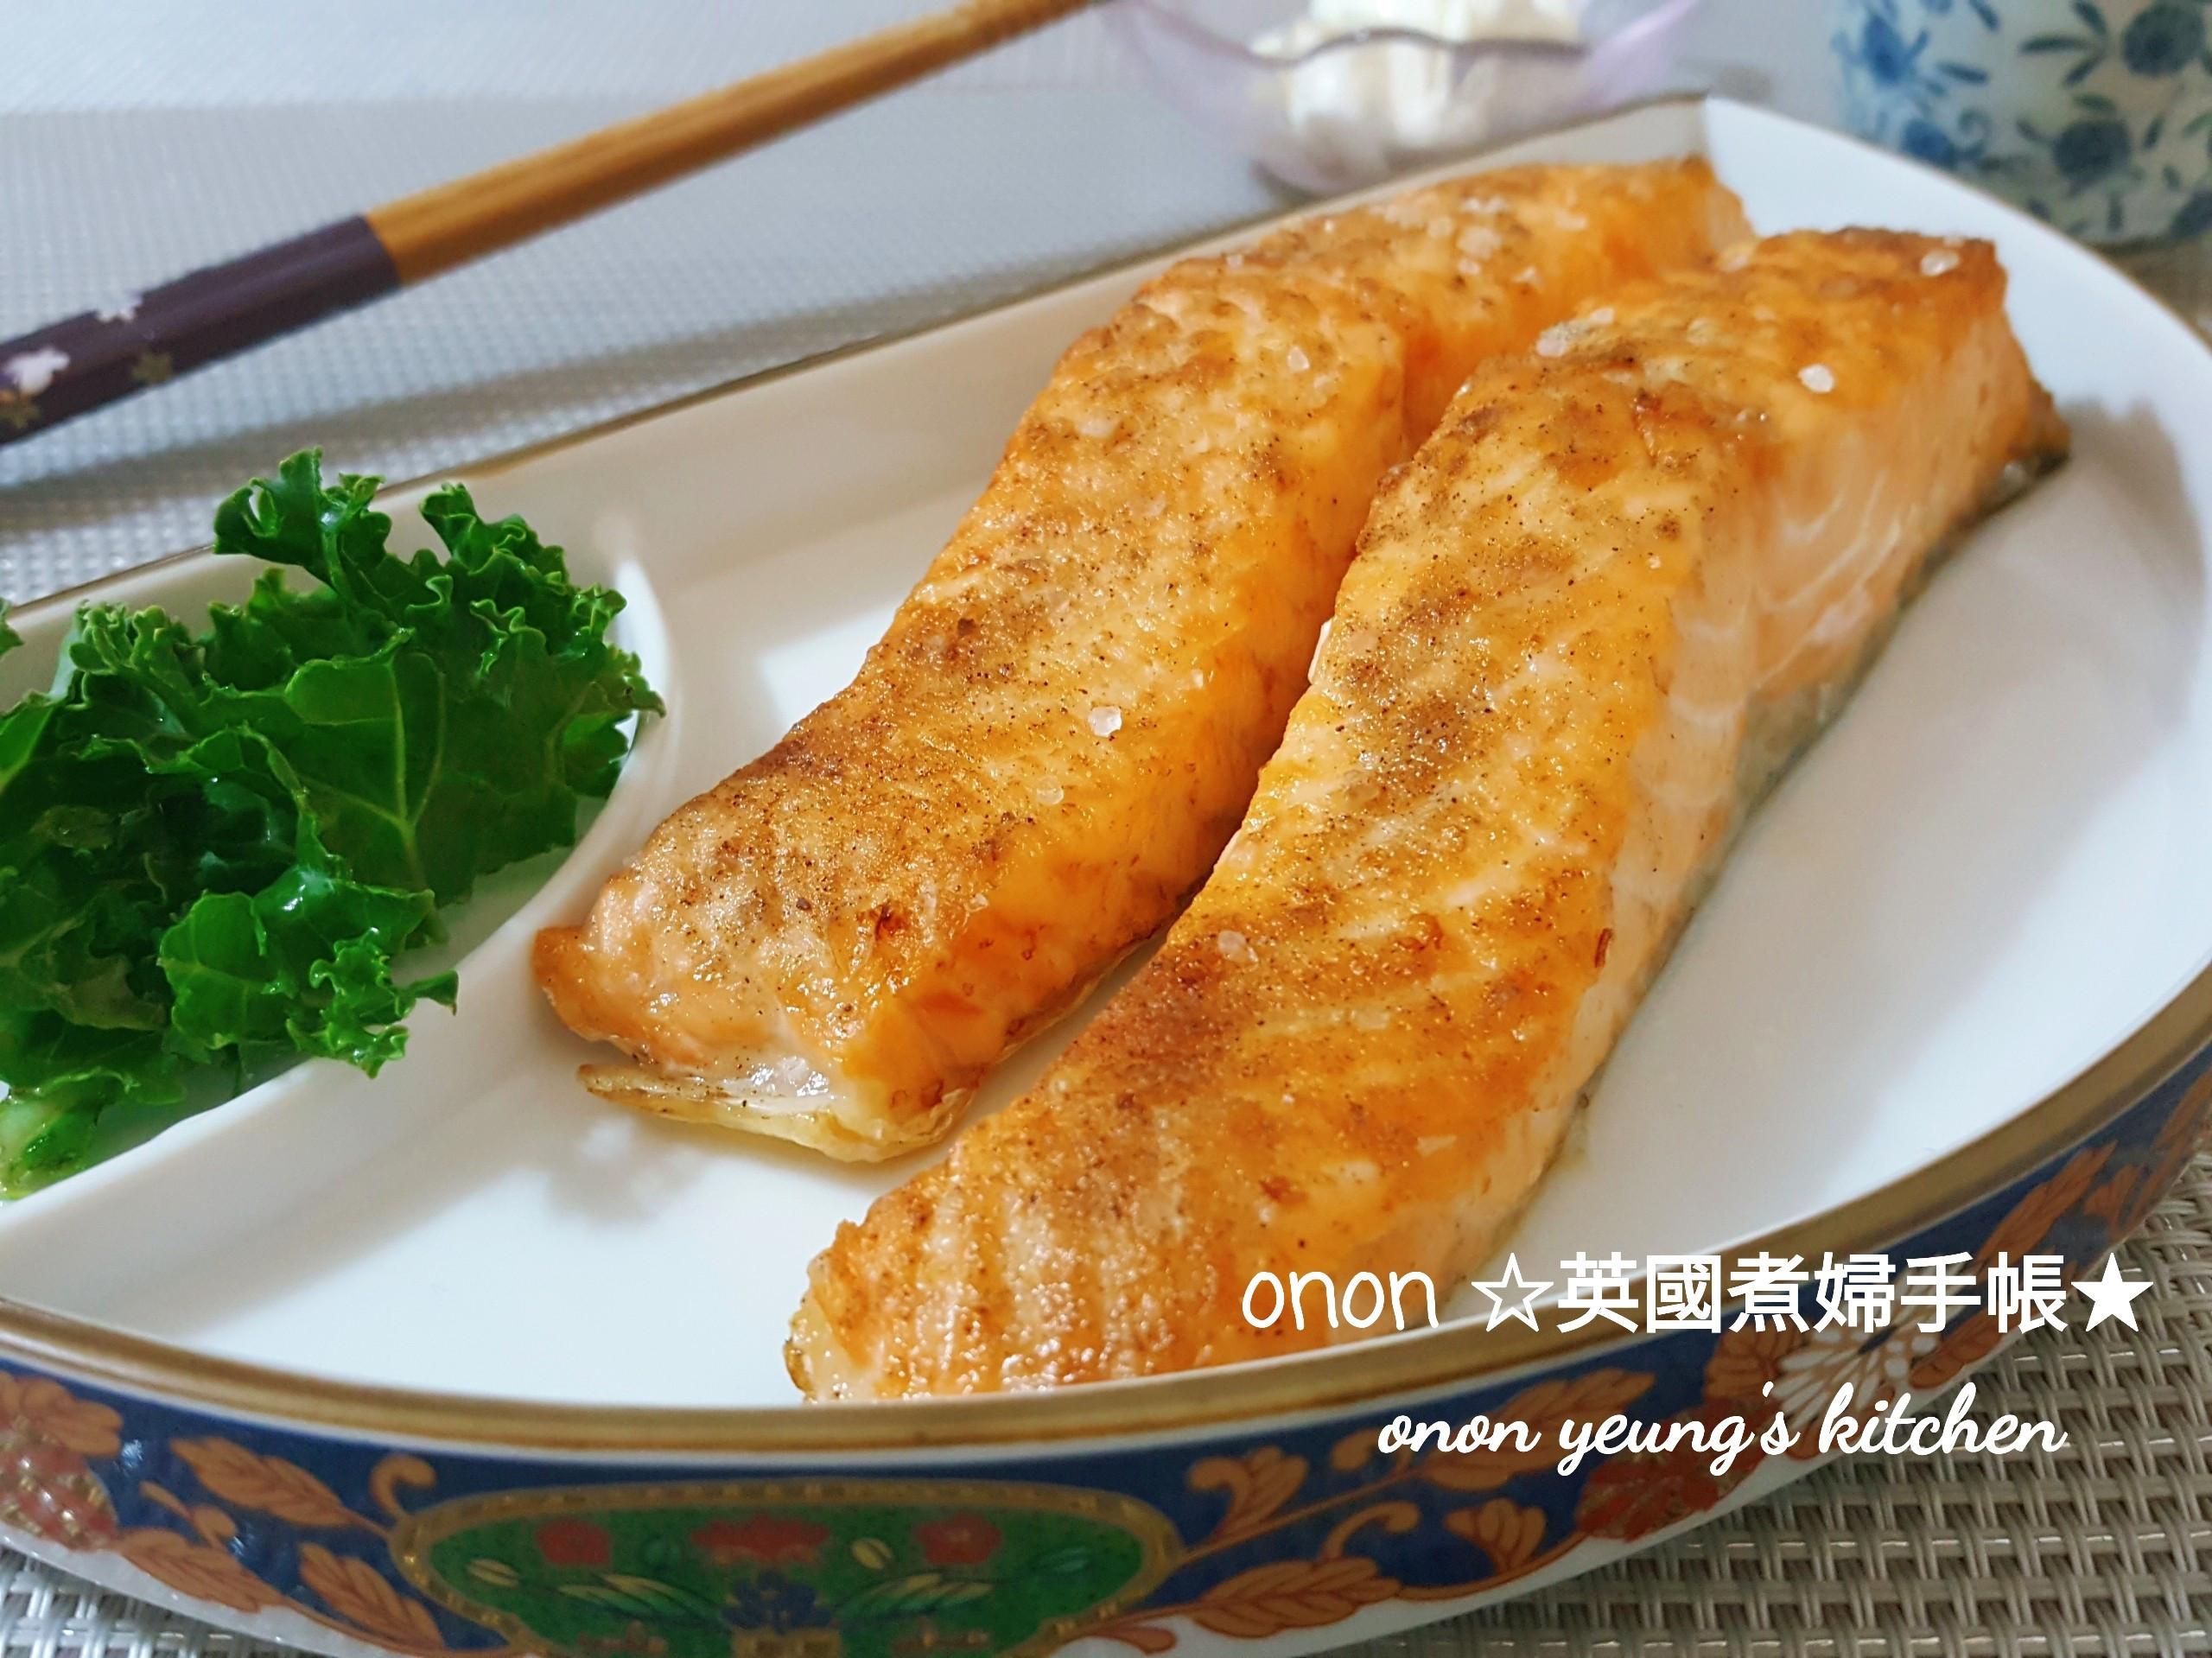 海鹽烤鮭魚💥家常菜 氣炸鍋15分鐘搞定